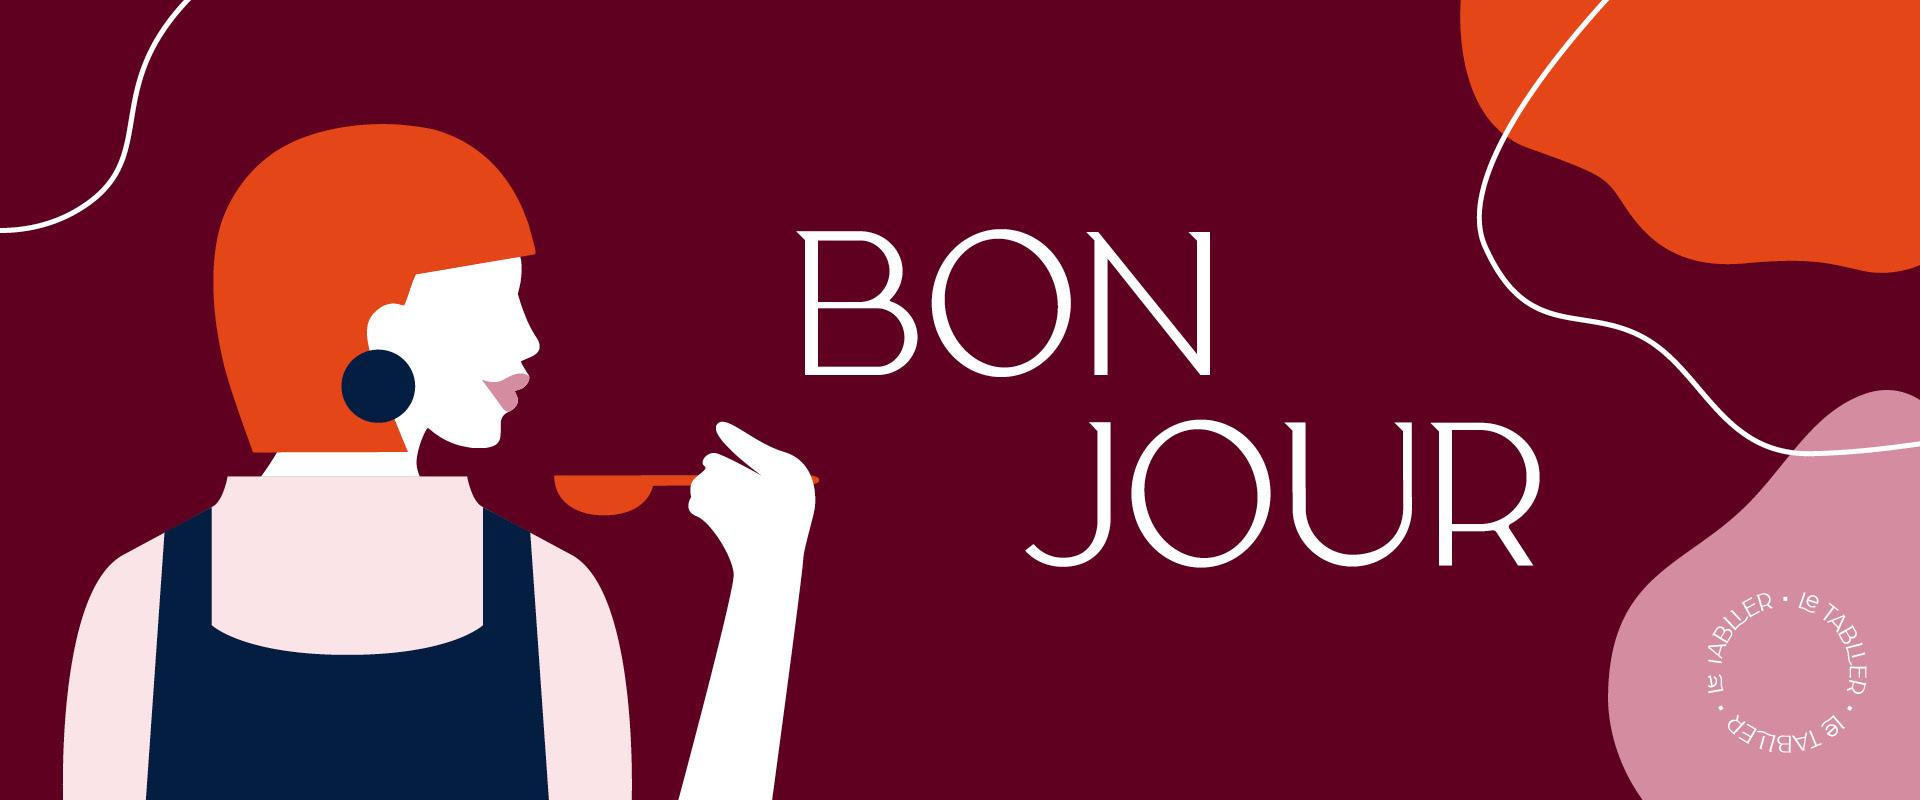 le tablier | Bonjour Grafik mit einer Frau mit Schürze und bunten Elementen